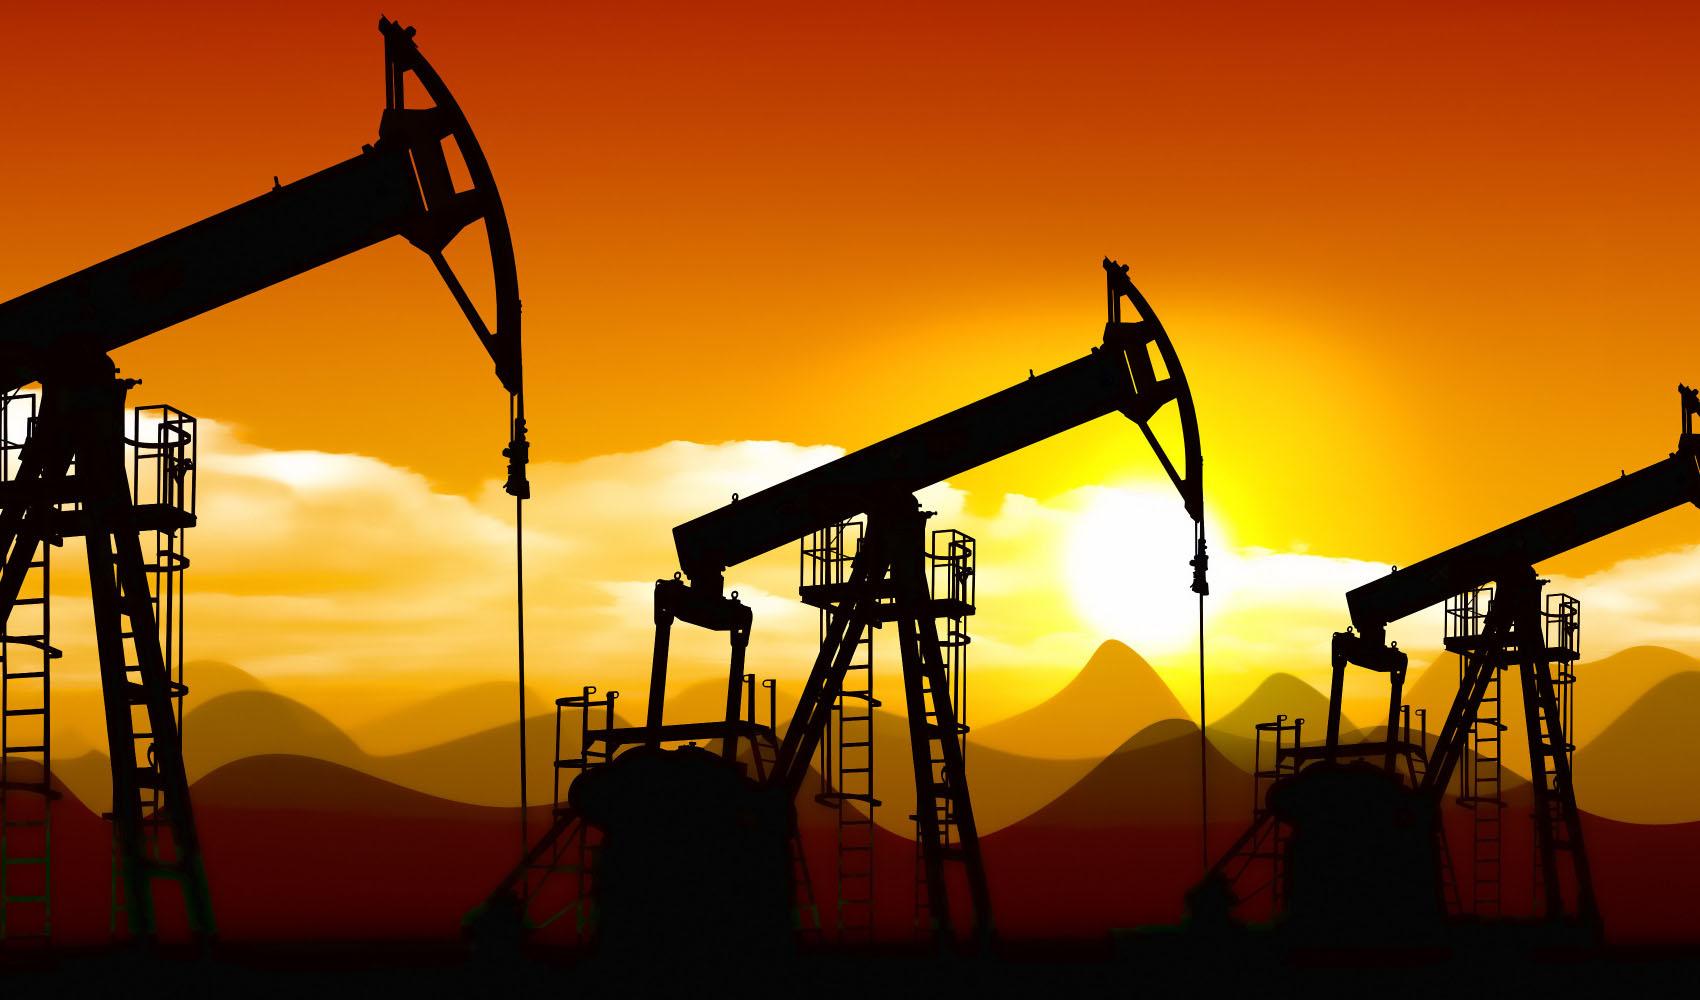 بحران جهانی انرژی و افزایش قیمت نفت تا ۱۰۰ دلار